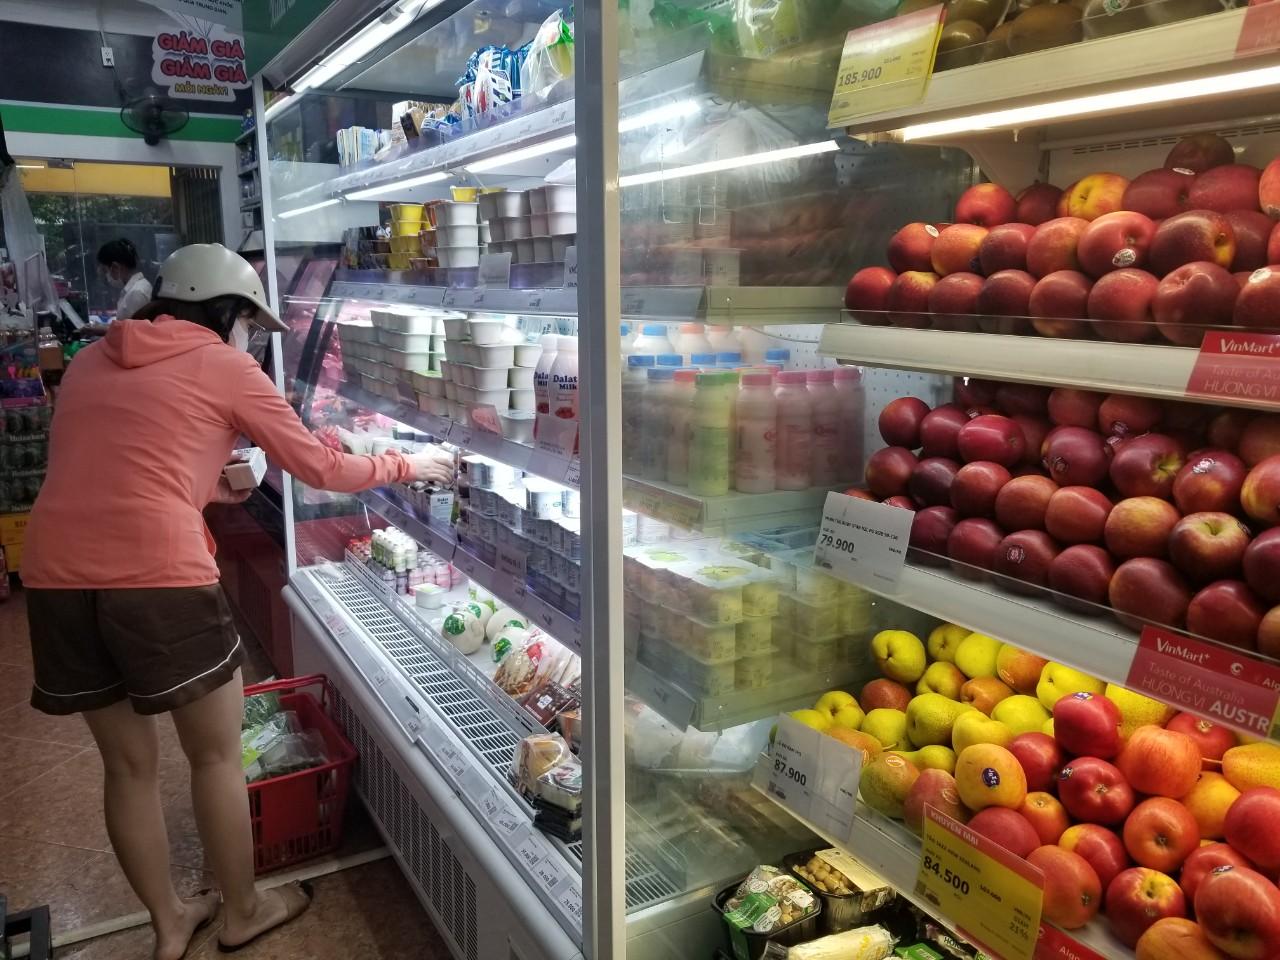 Dân Hà Nội đi chợ kiểu: 'Chị chả cần tích trữ, ngày nào chị cũng đi chợ' - Ảnh 10.